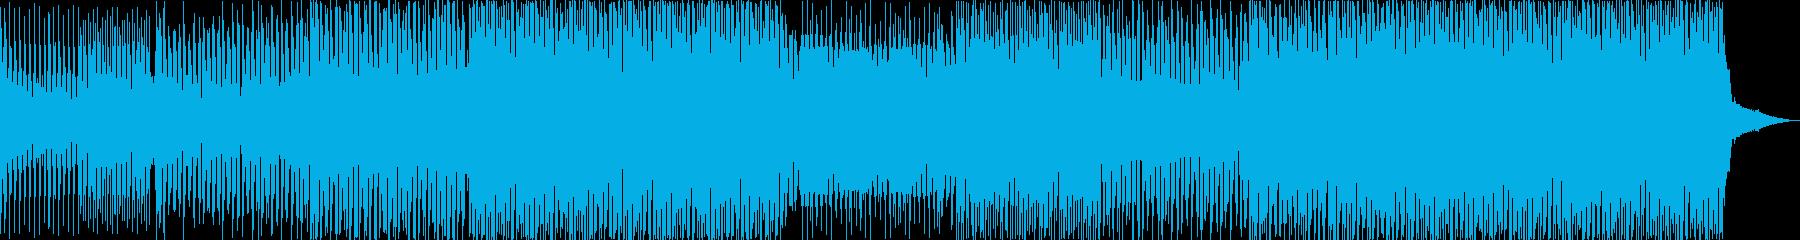 ダンスポップなBGMの再生済みの波形